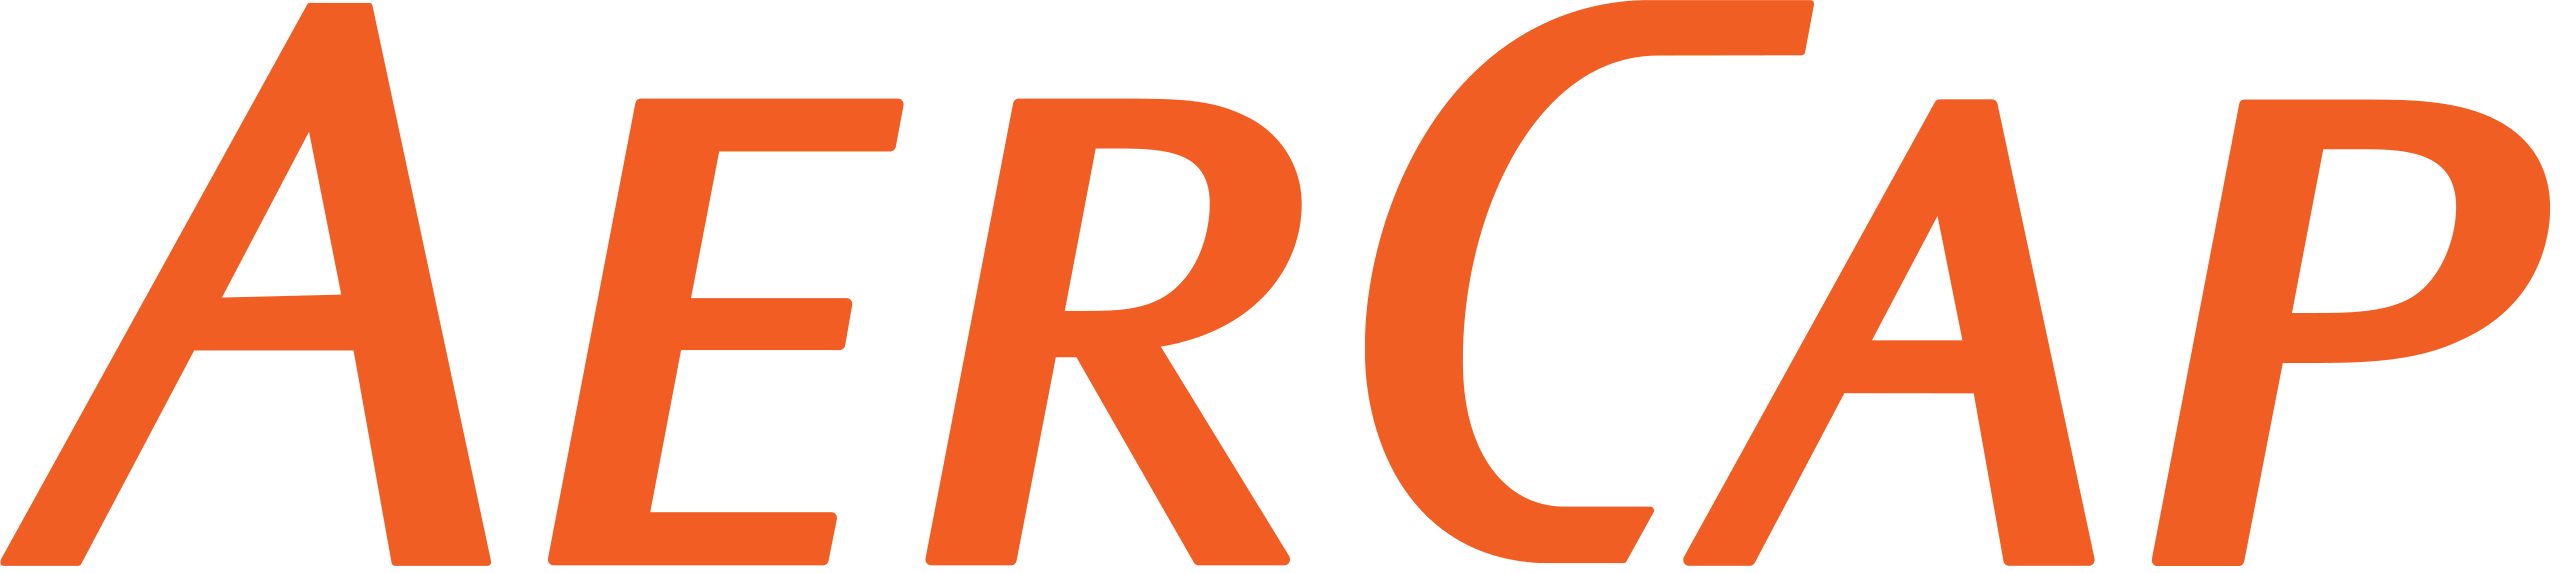 AW-Aercap_Isologotype